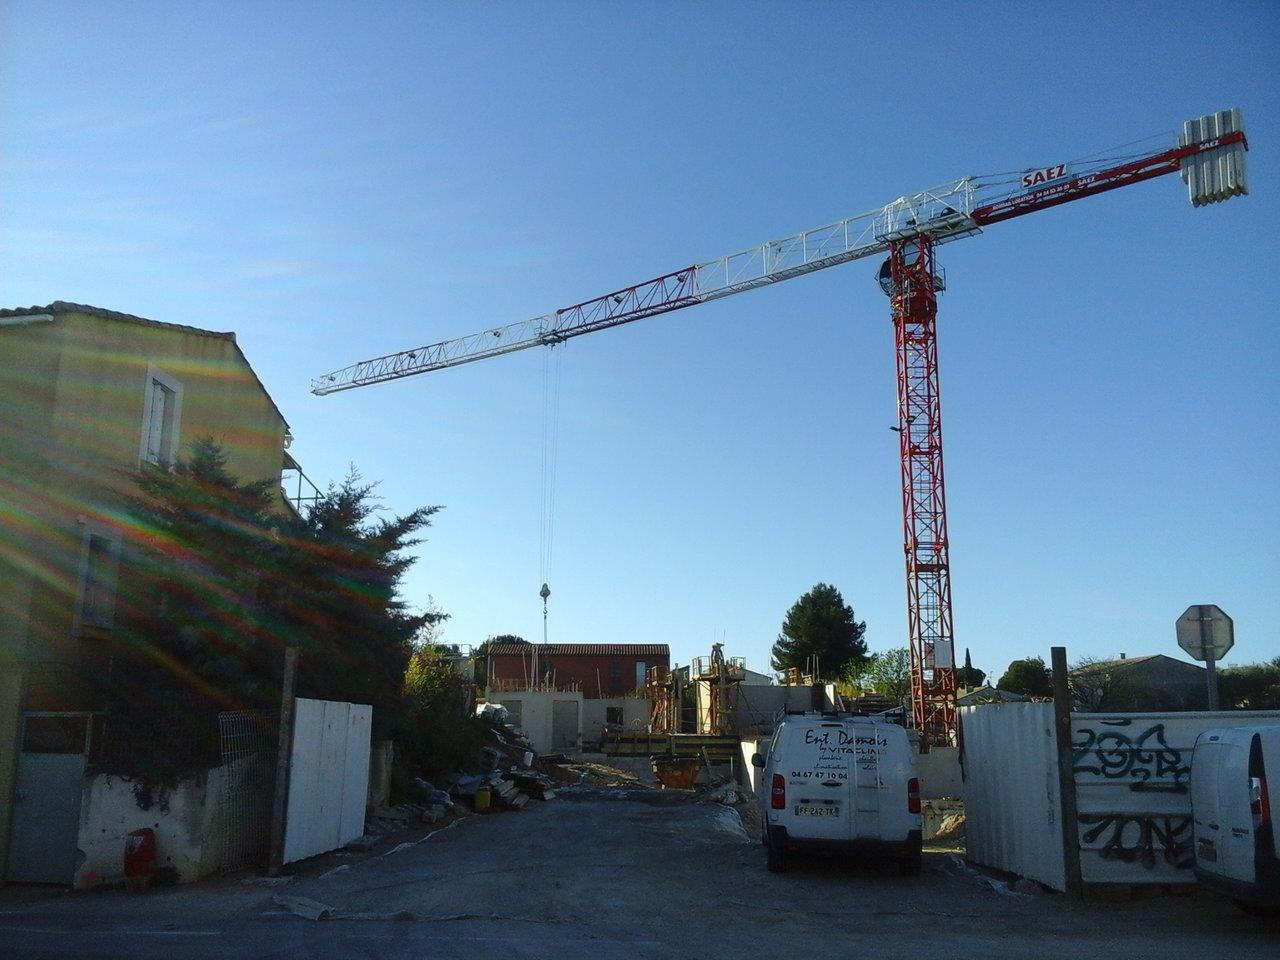 Saez villeneuve 03-2020